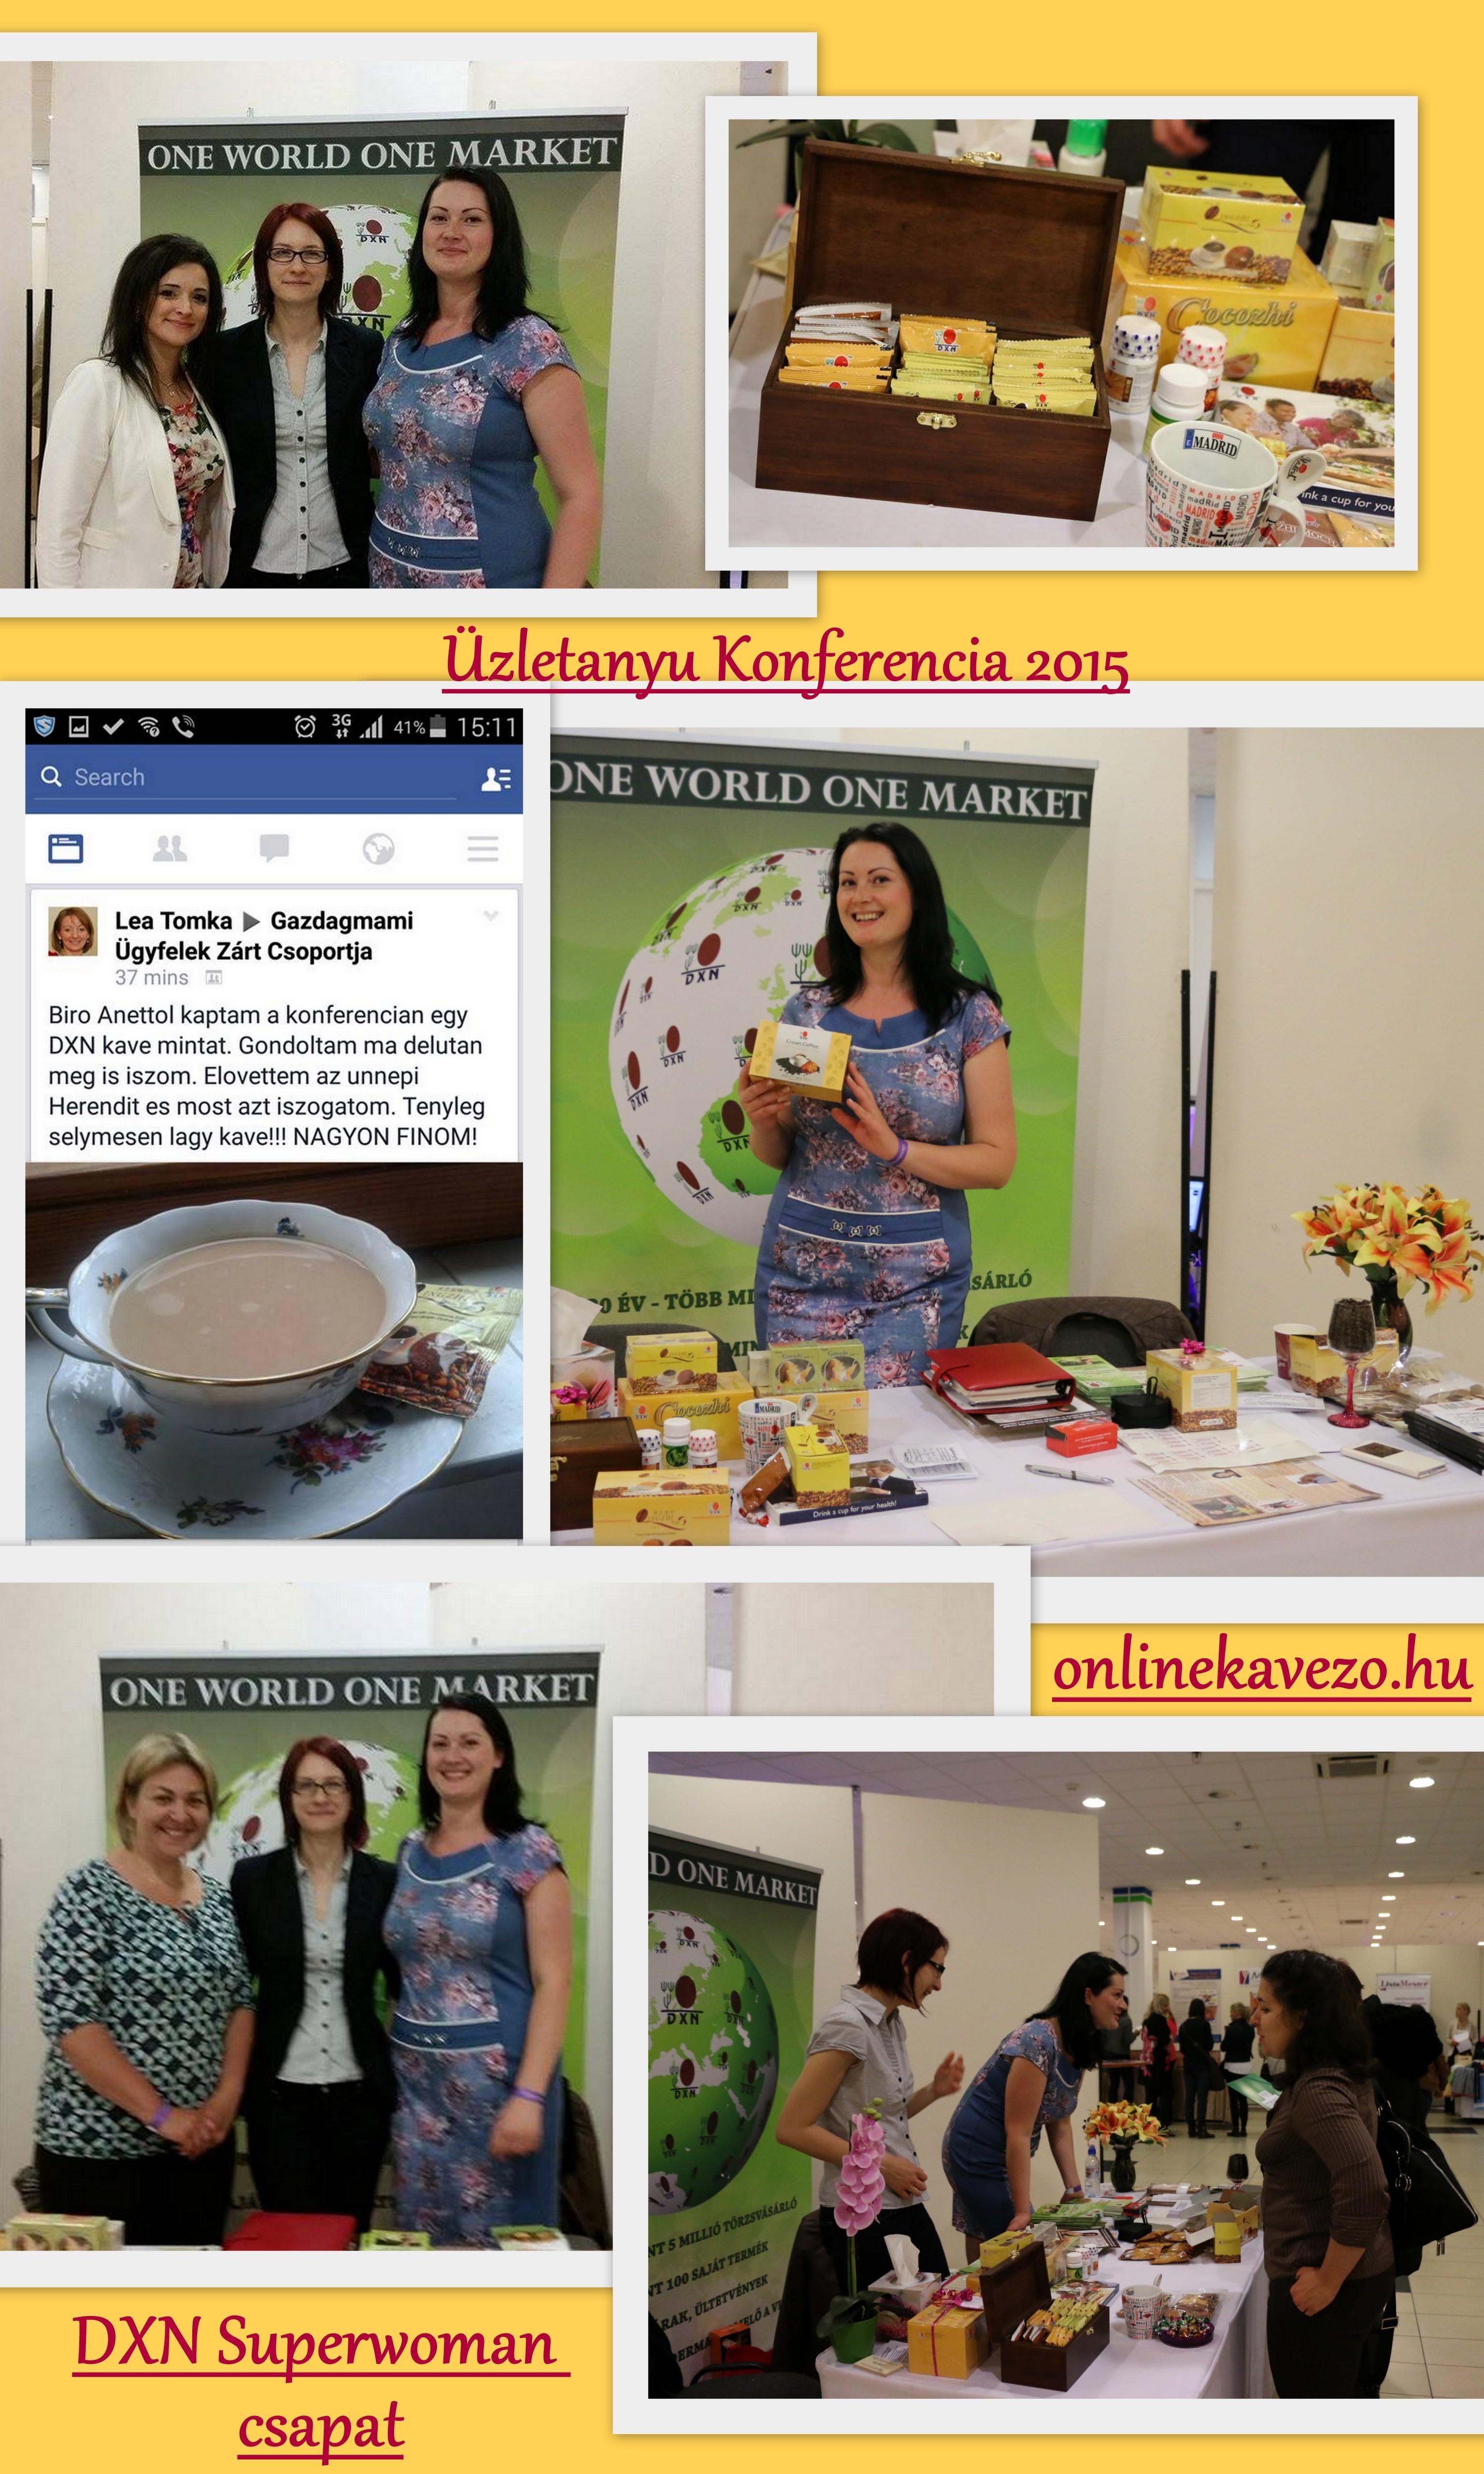 Üzletanyu Konferencia 2015 és DXN ganoderma kávé üzlet